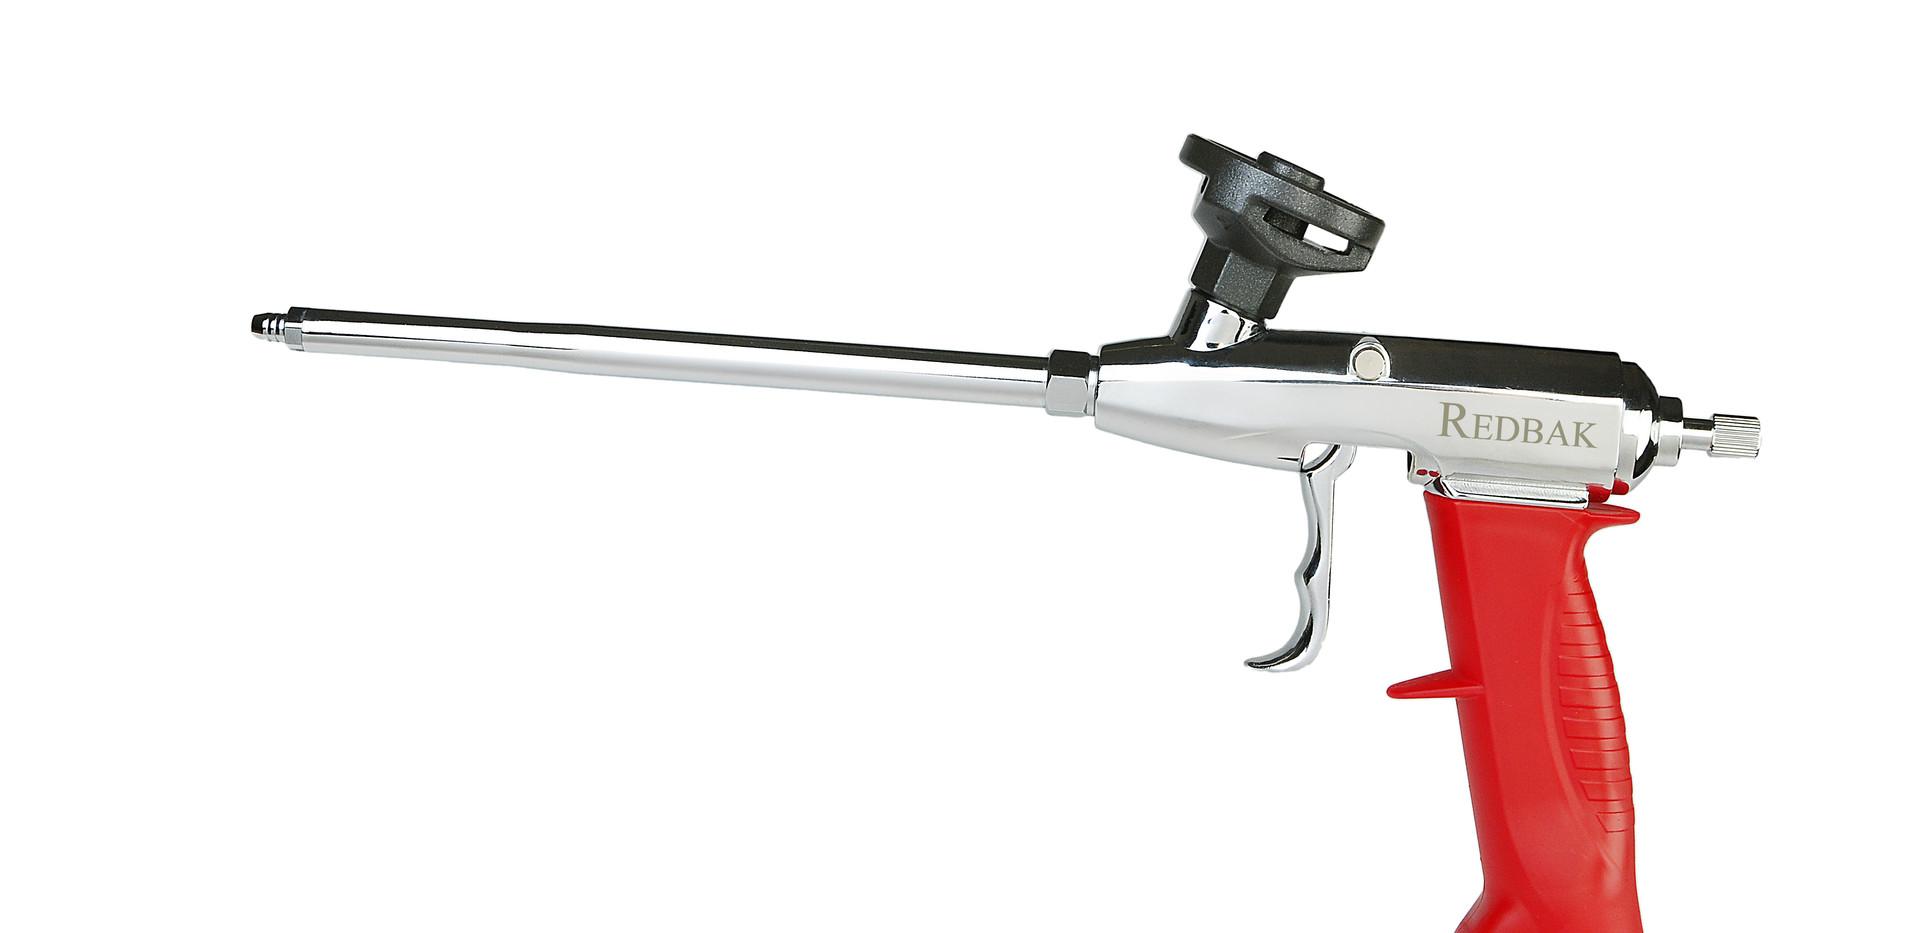 Redbak PU Foam Gun.jpg